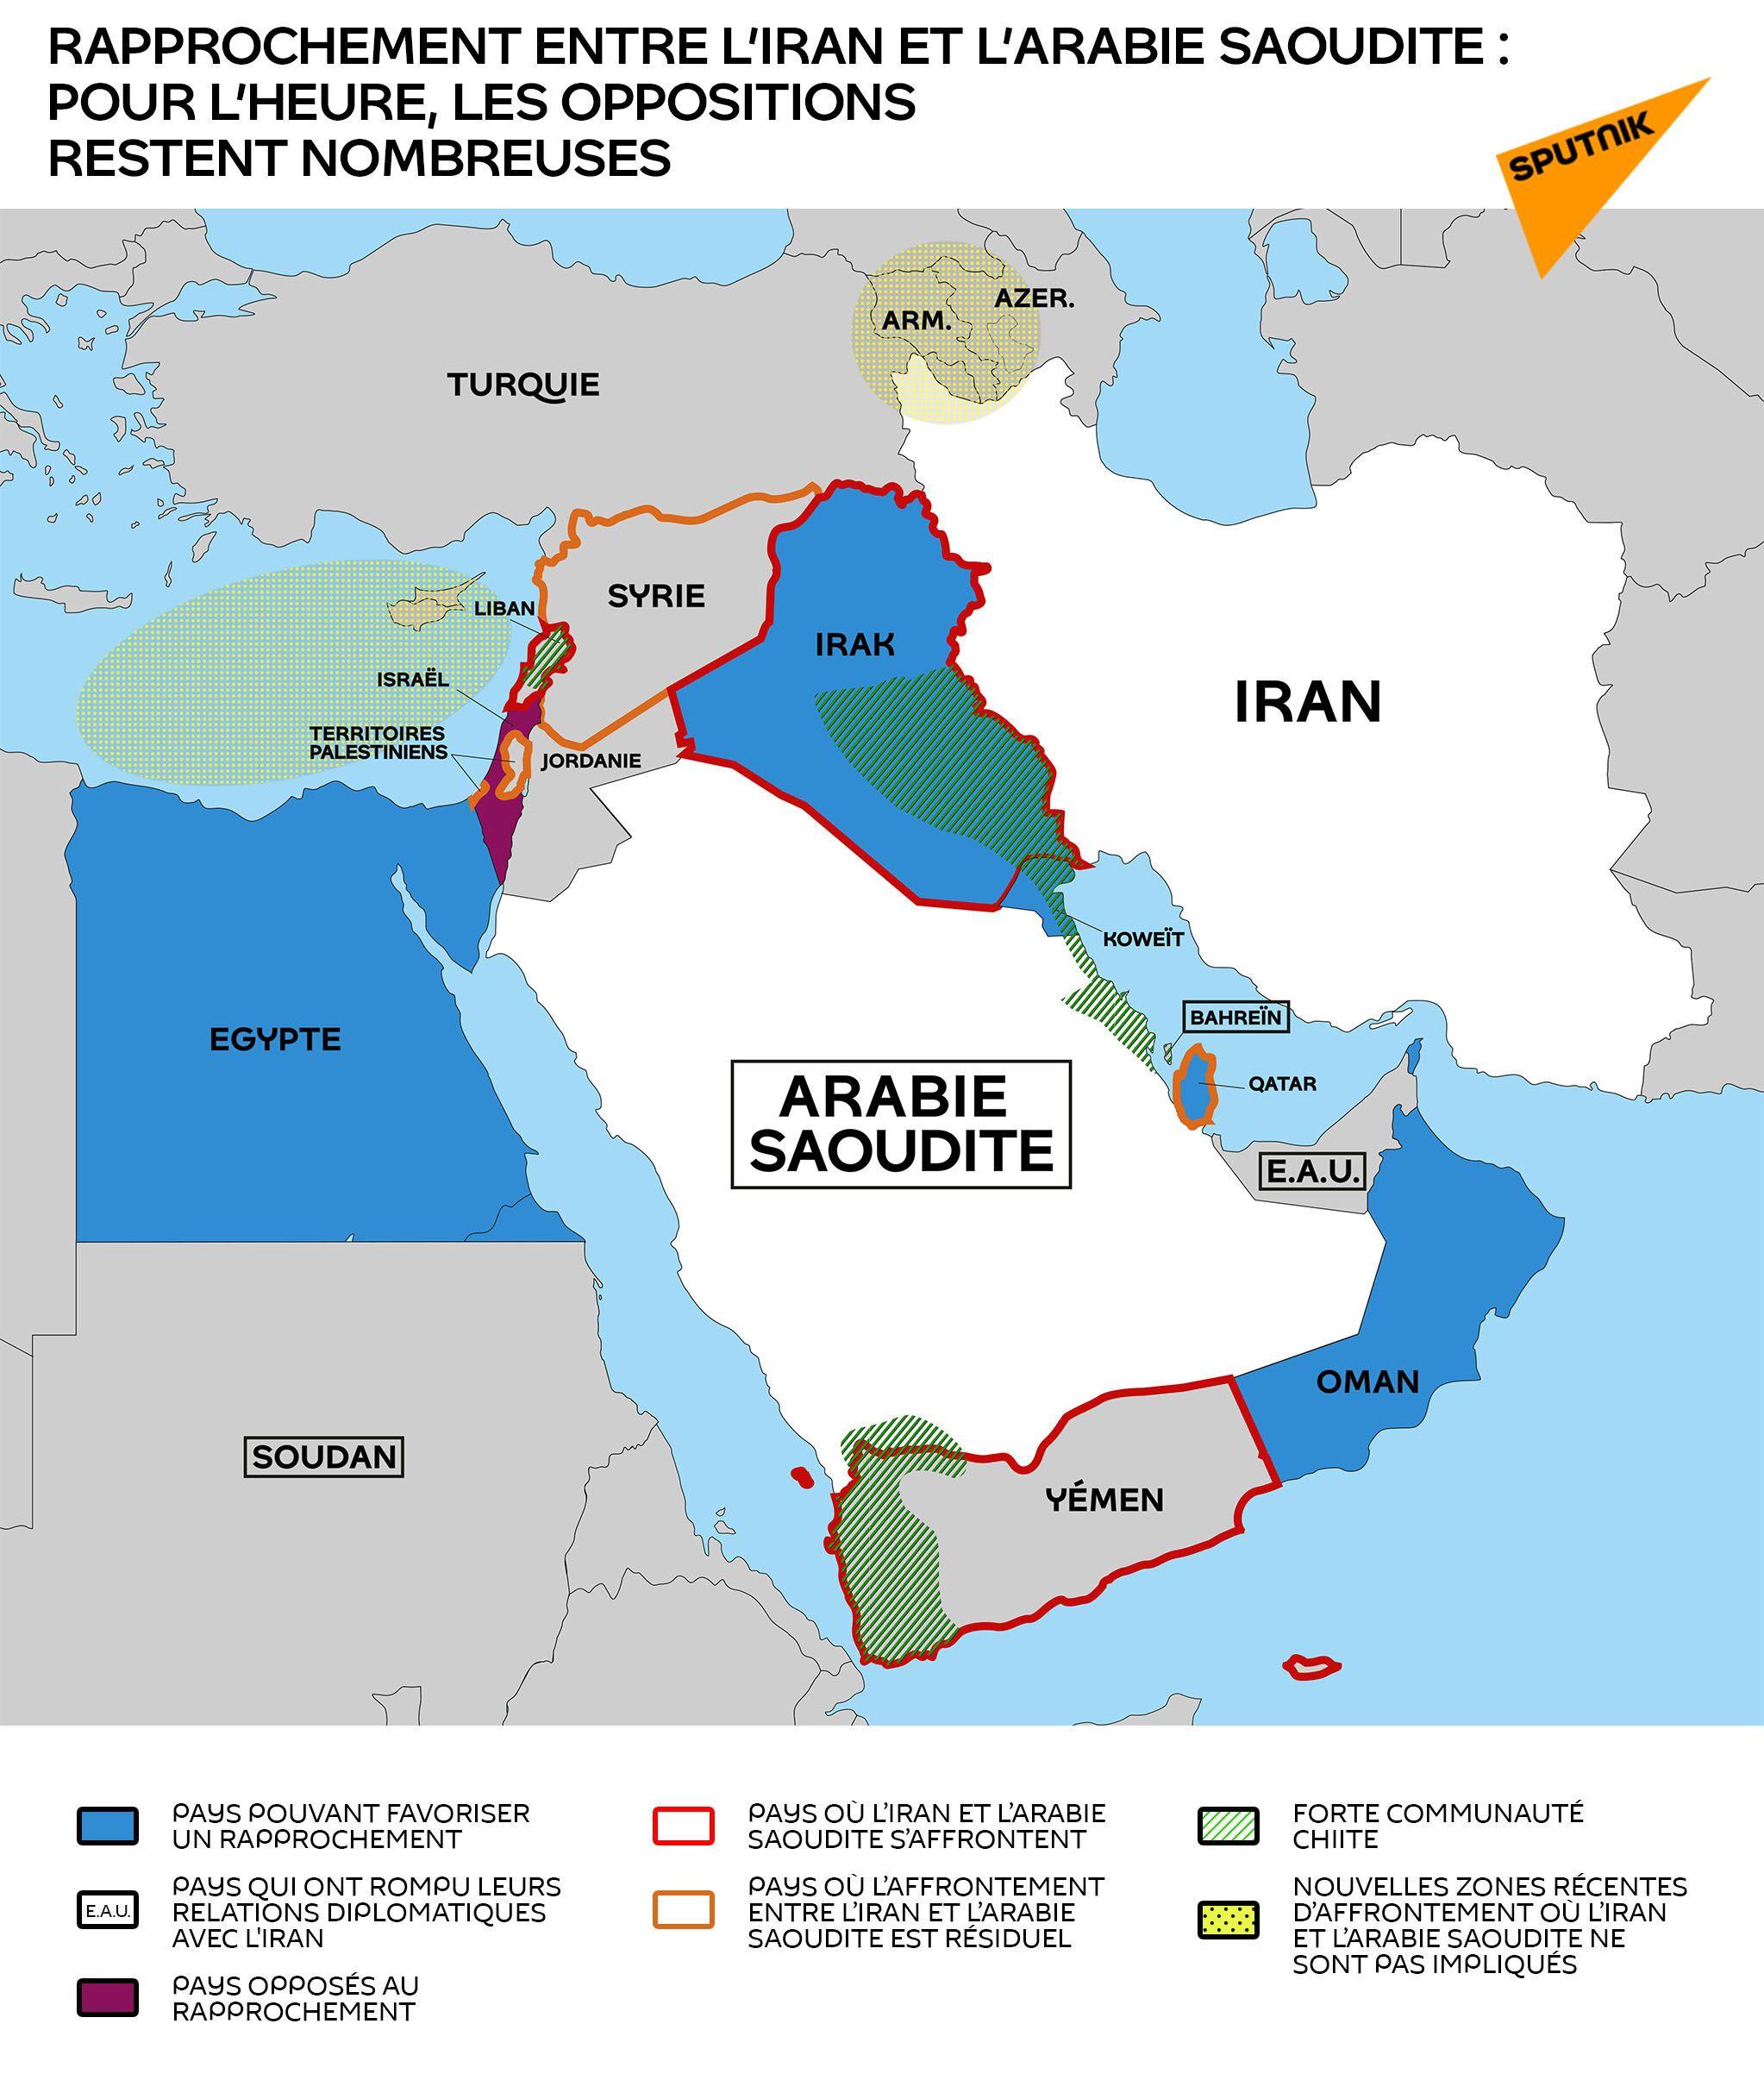 Rapprochement entre l'Iran et l'Arabie saoudite : pour l'heure, les oppositions restent nombreuses